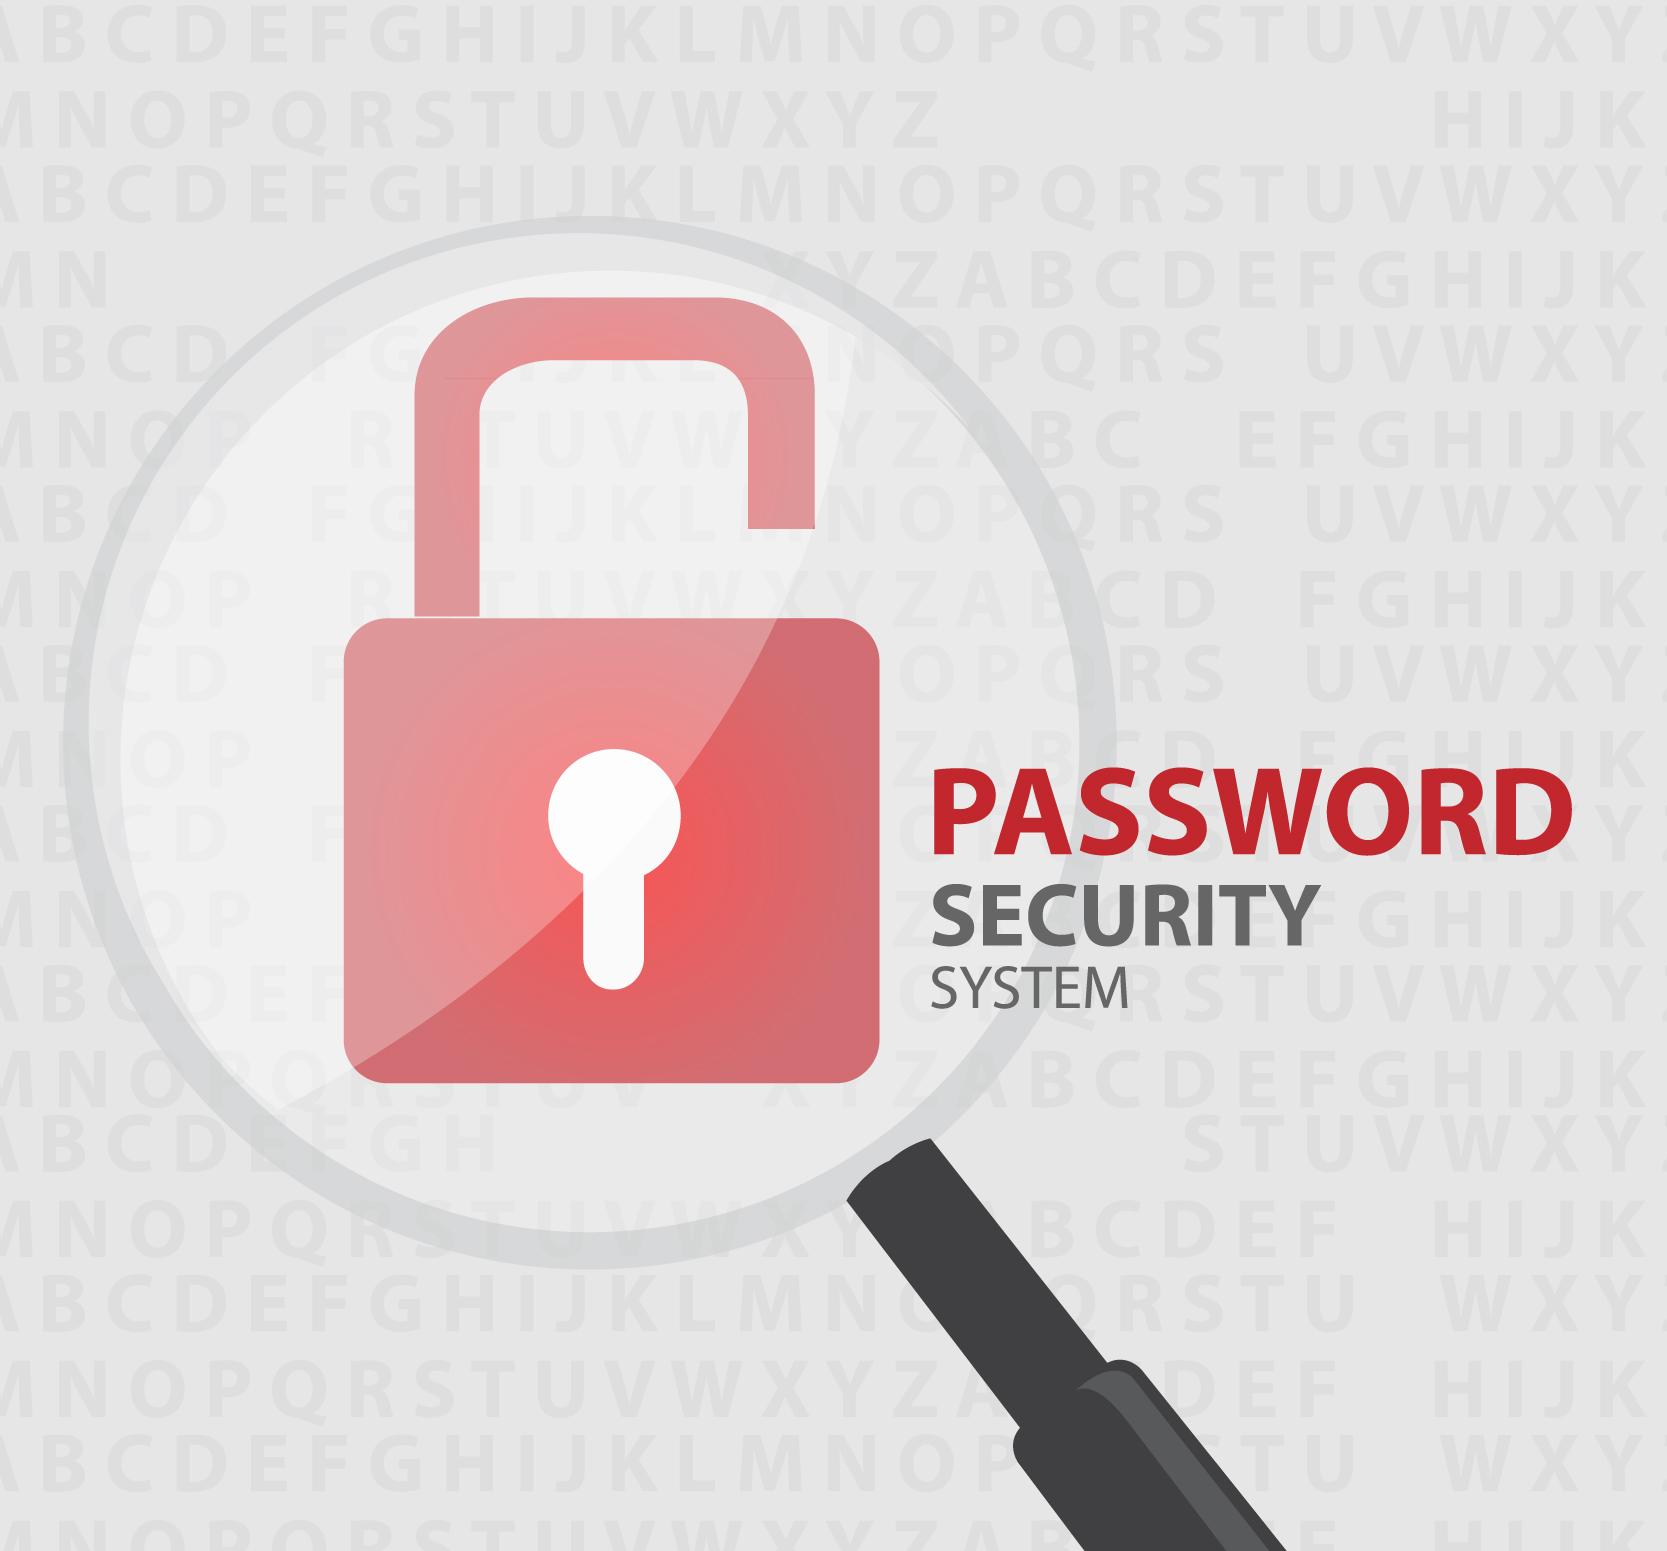 Sécurité des mots de passe